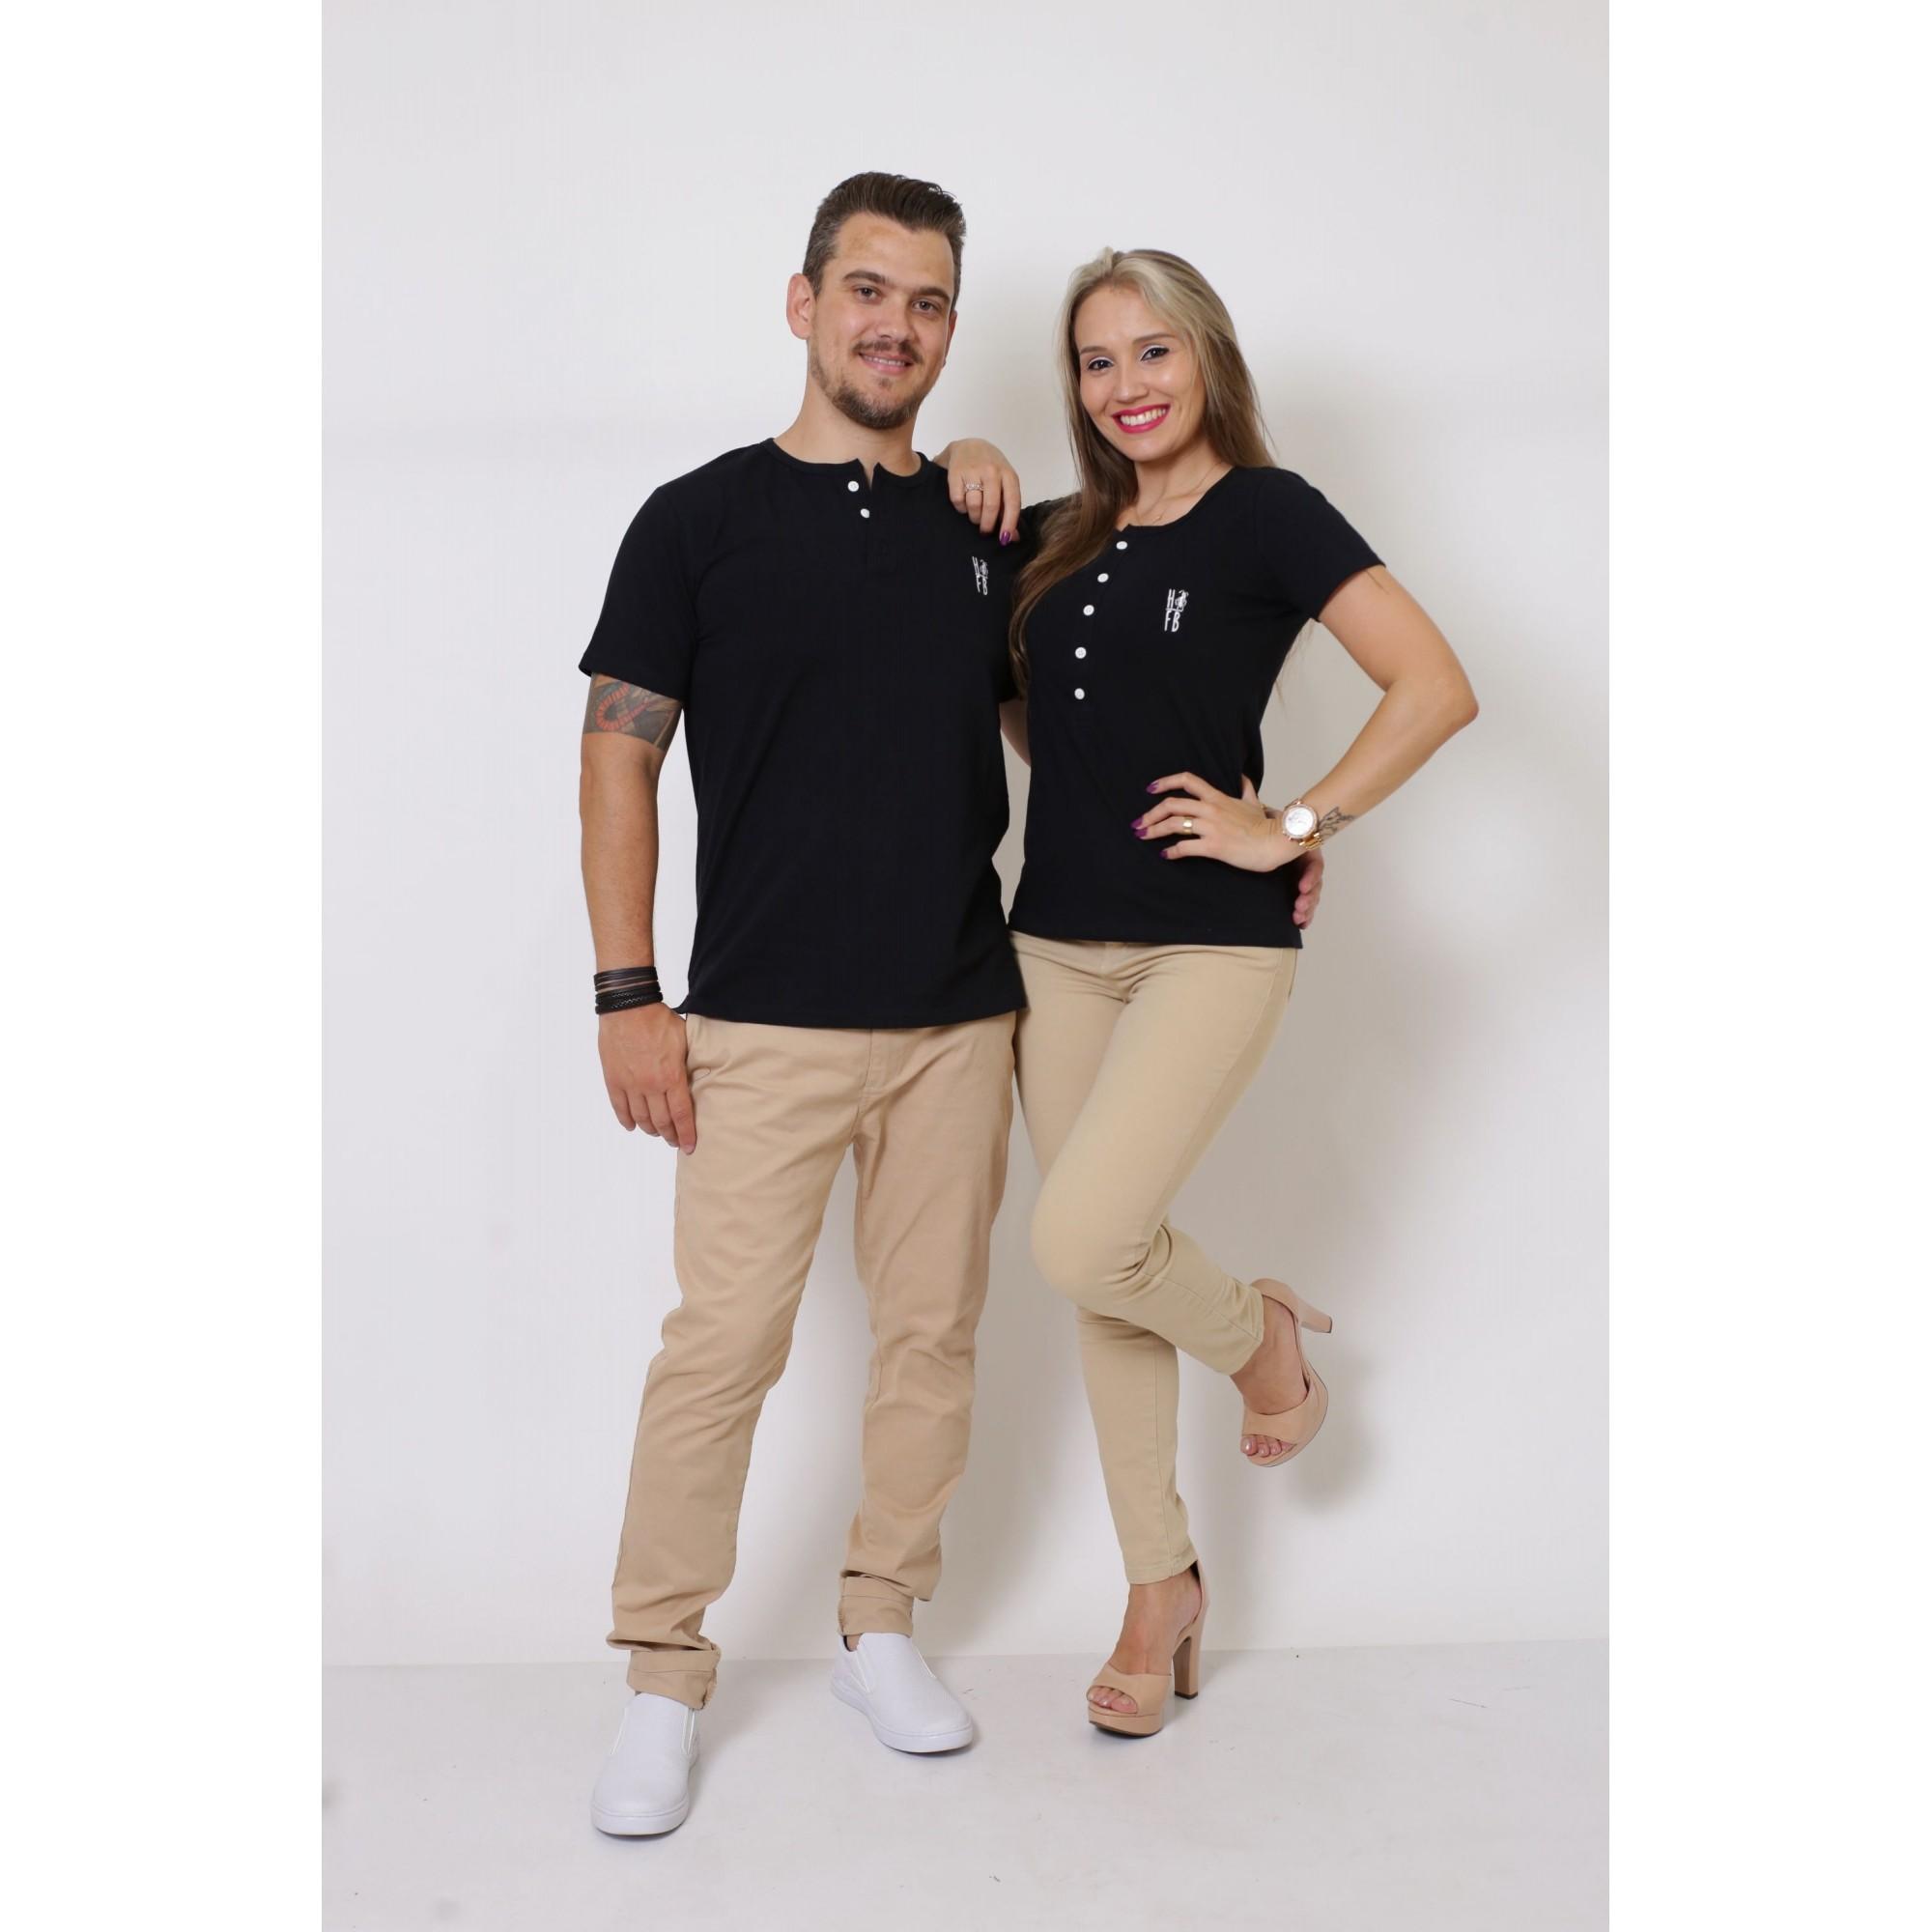 NAMORADOS > Kit 02 Peças T-Shirt Henley Preto - Masculina + Feminina [Coleção Namorados]